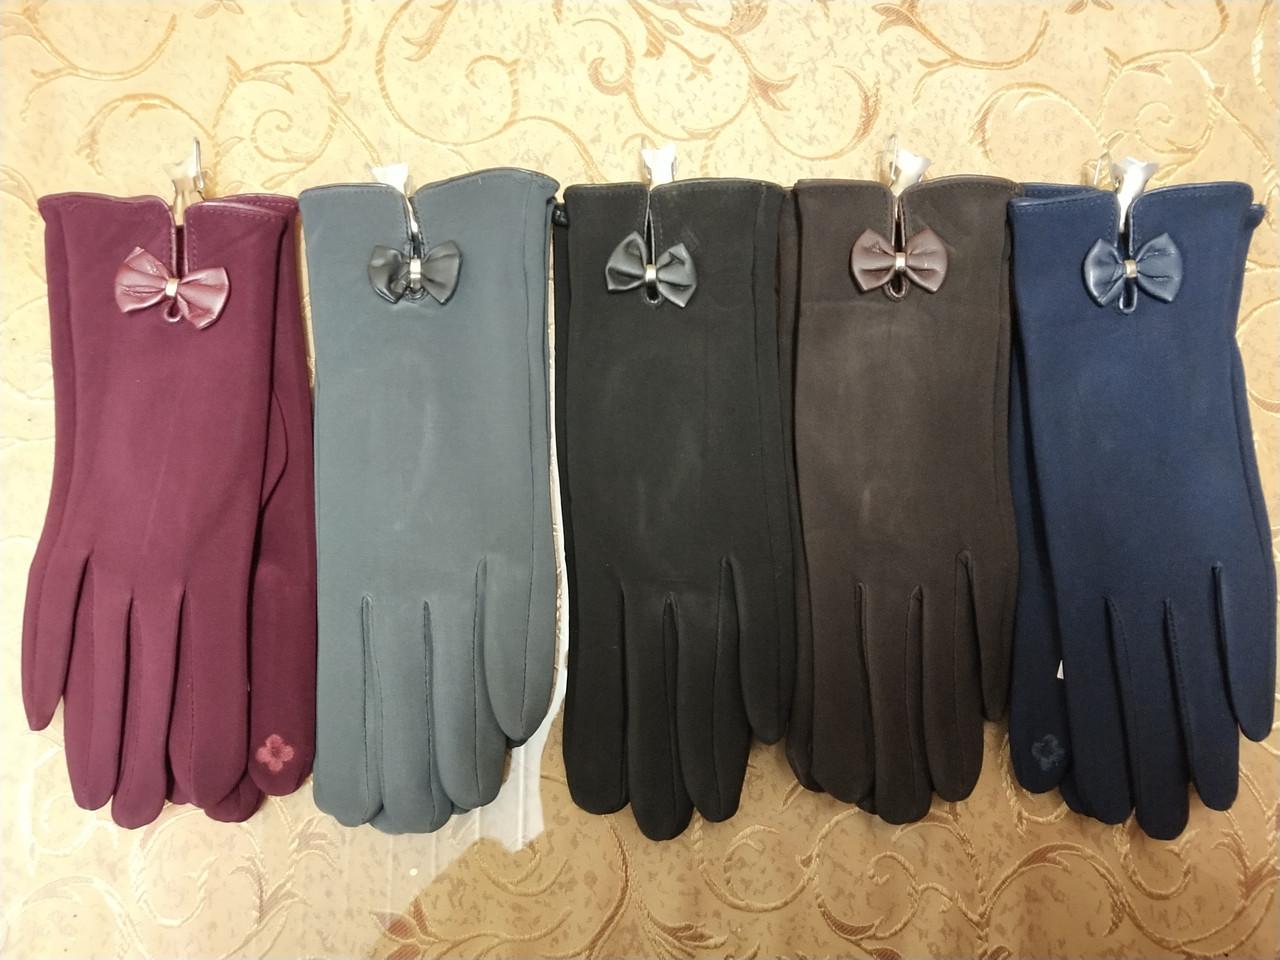 ЭЛАСТИК Перчатки с сенсором для работы на телефоне плоншете/Сенсорны женские перчатки ANJELA оптом